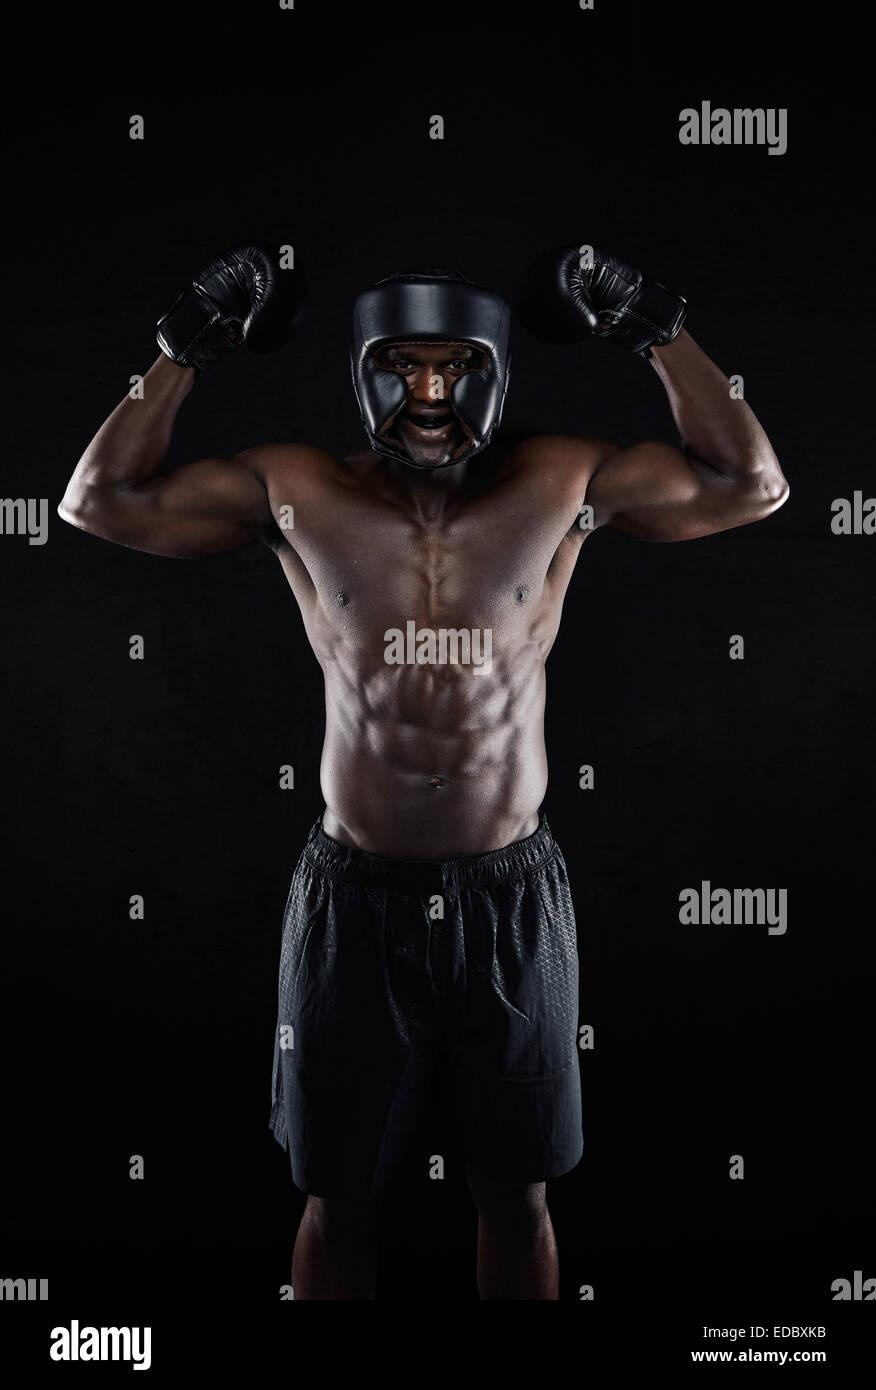 Portrait of happy young African boxing gagnant sur fond noir. Muscular male boxer de célébrer sa victoire Photo Stock